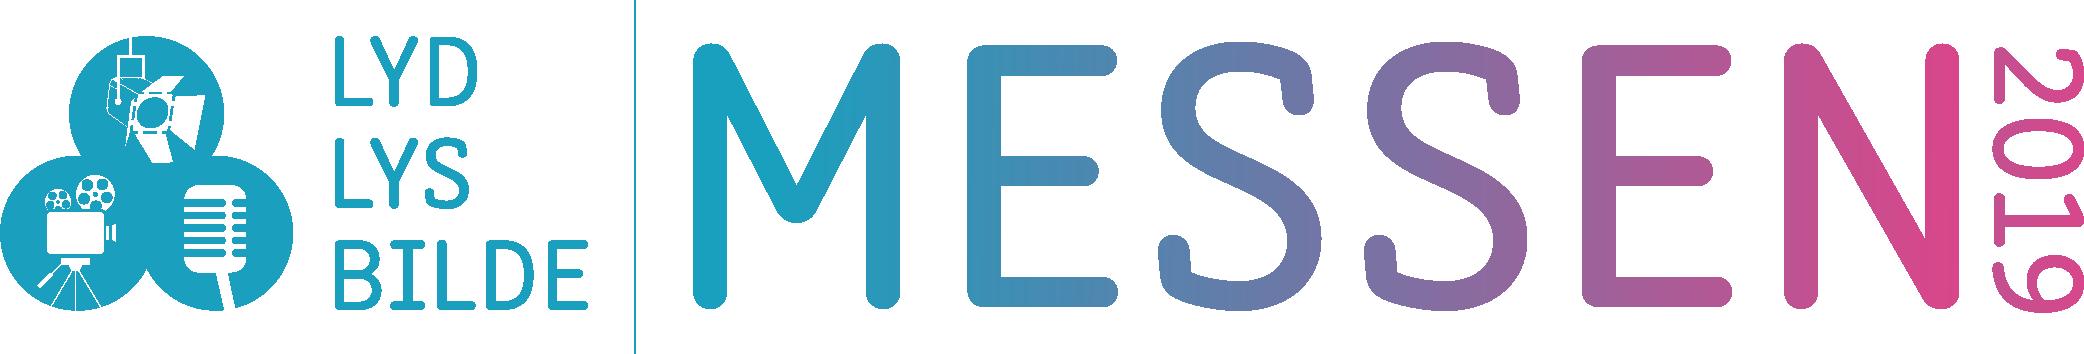 LLB_MESSE_logo.png